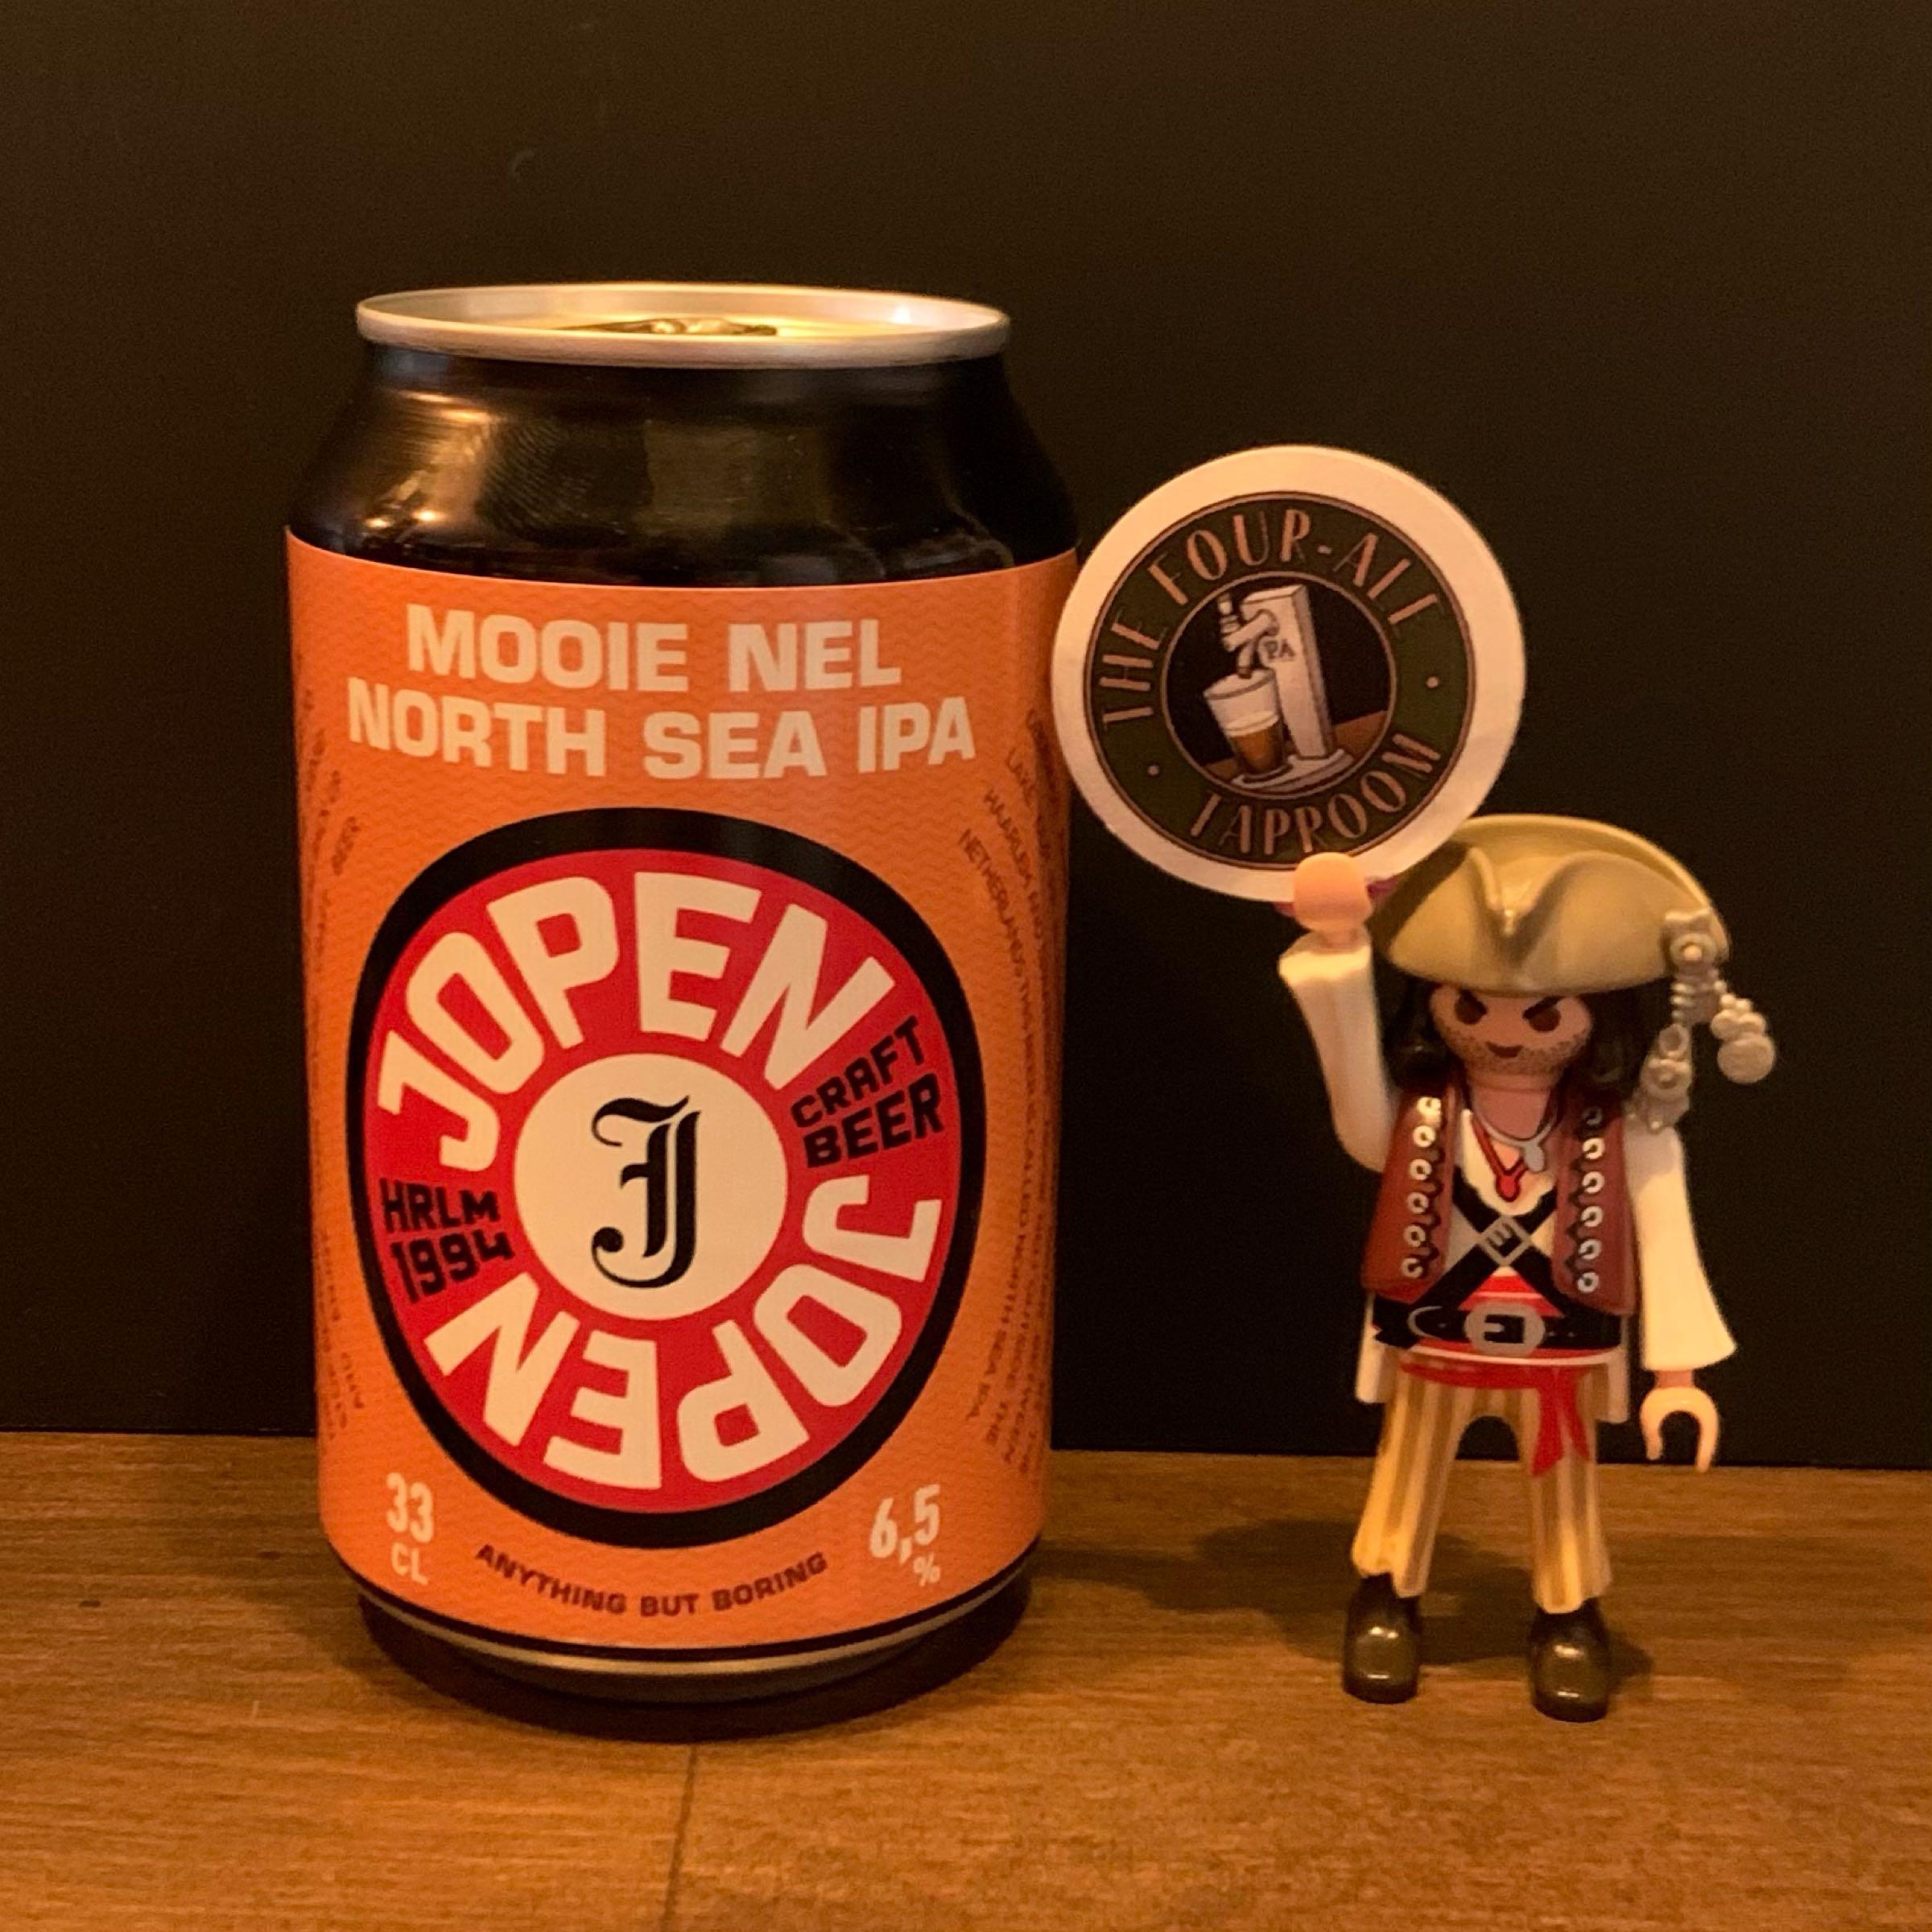 Jopen - Mooie Nel IPA / Northsea IPA - IPA - 6.5%